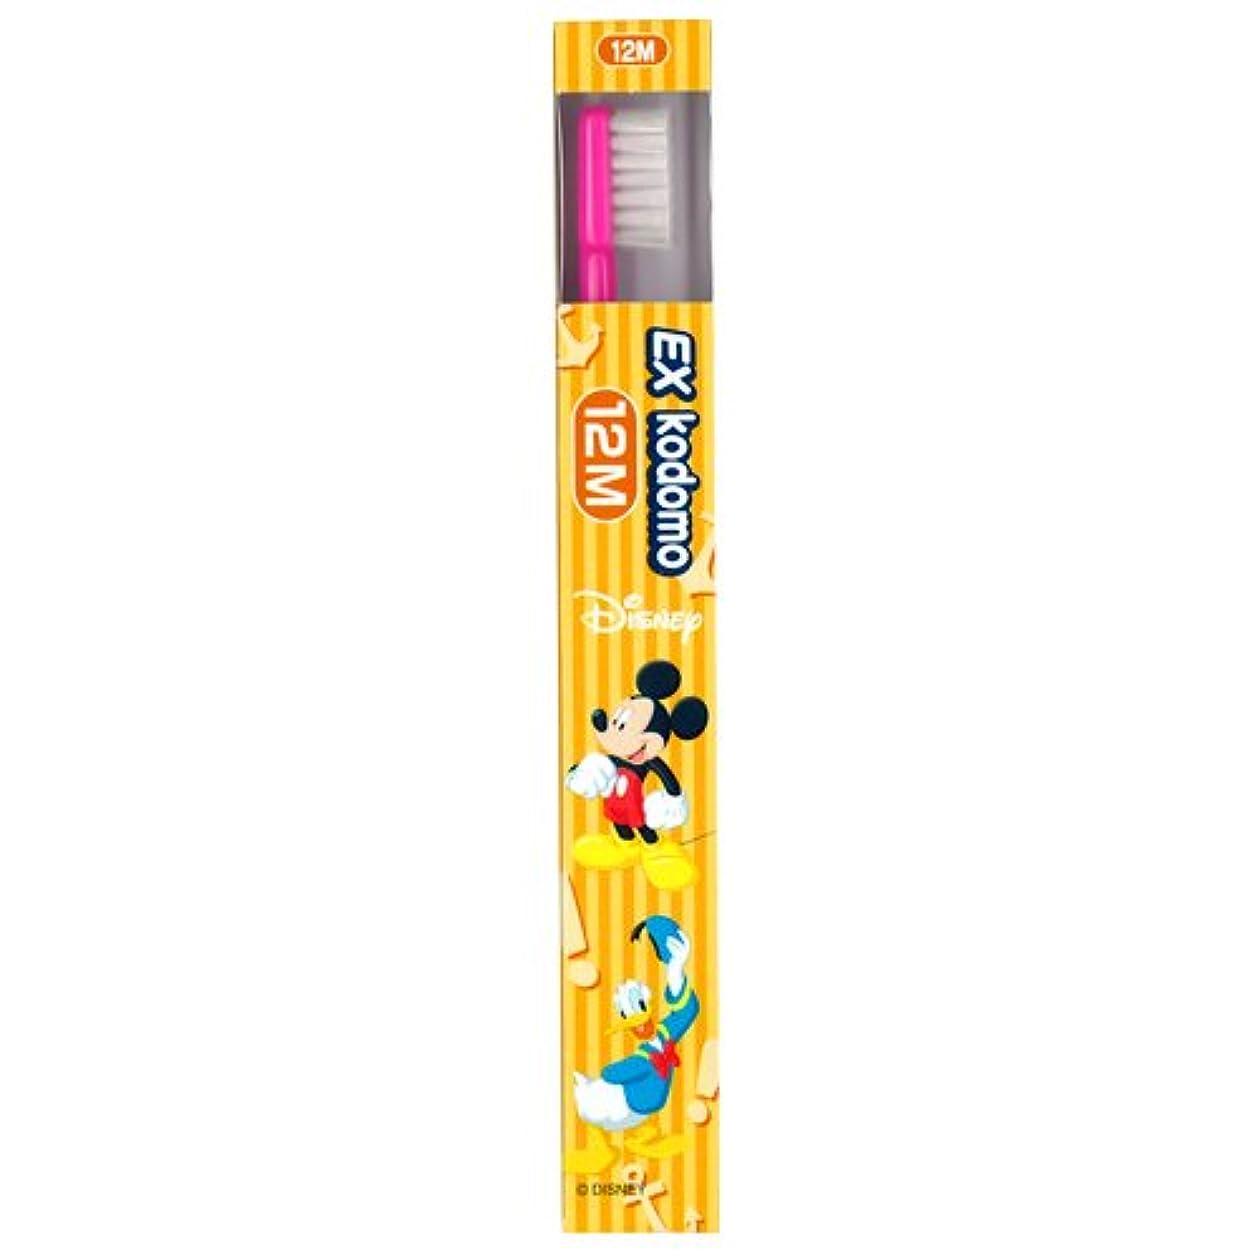 抵抗するジョガーチャップライオン EX kodomo ディズニー 歯ブラシ 1本 12M ピンク